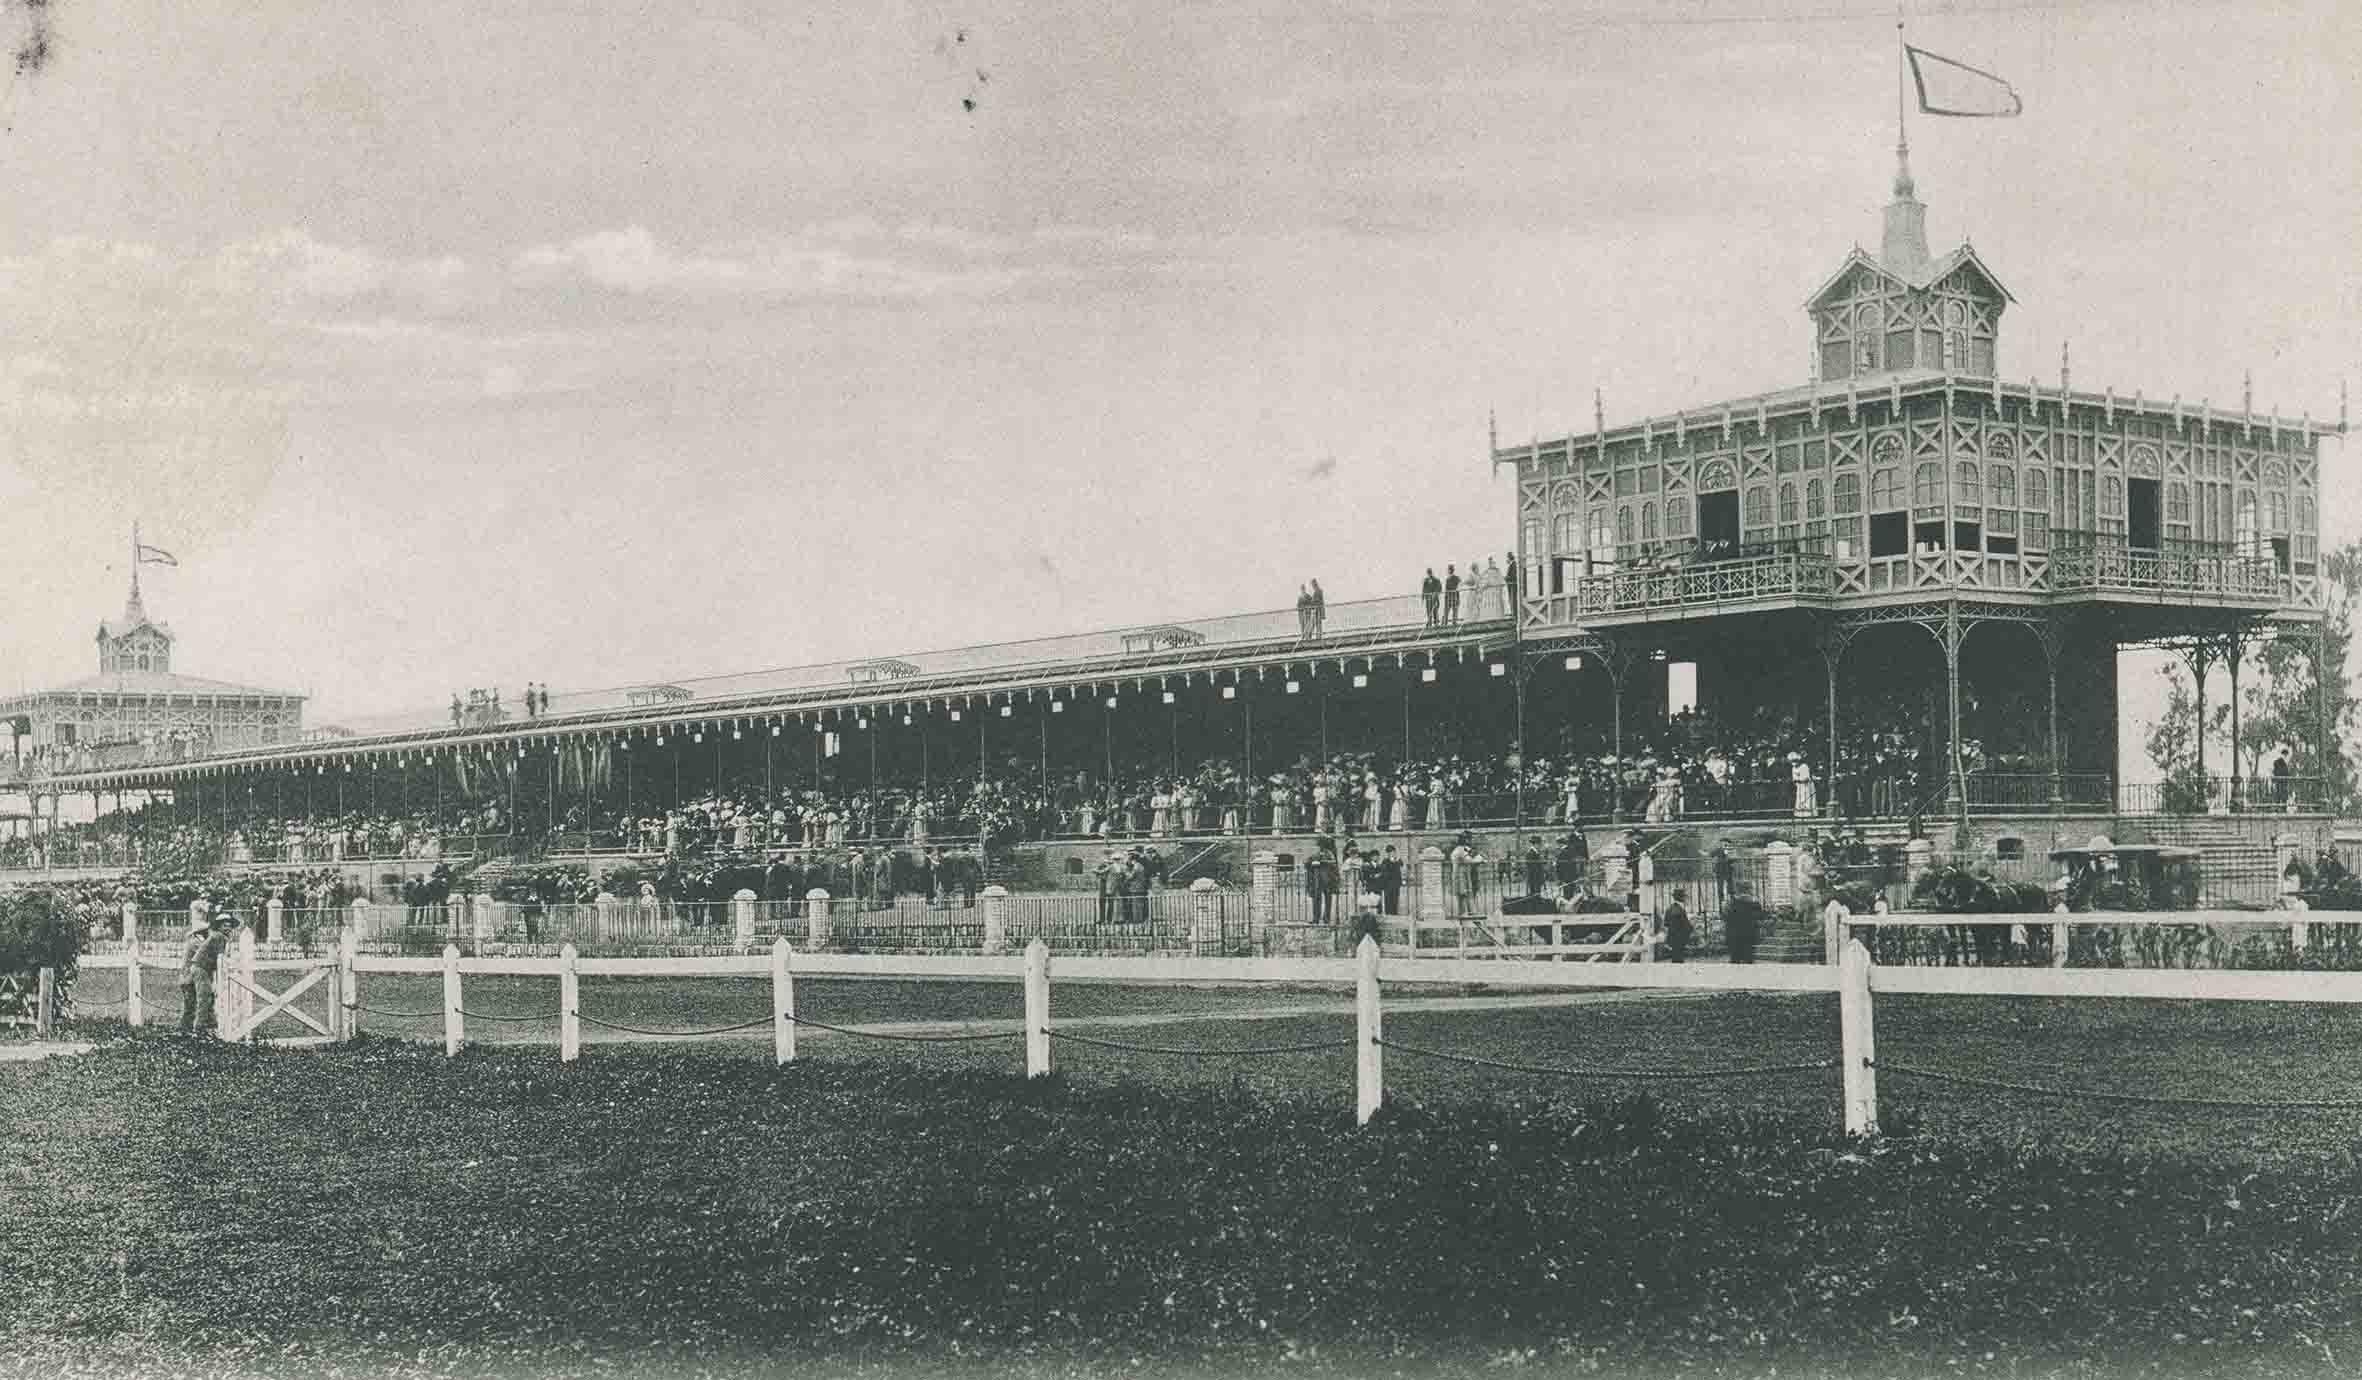 Enterreno - Fotos históricas de chile - fotos antiguas de Chile - Club Hípico de Santiago en 1910